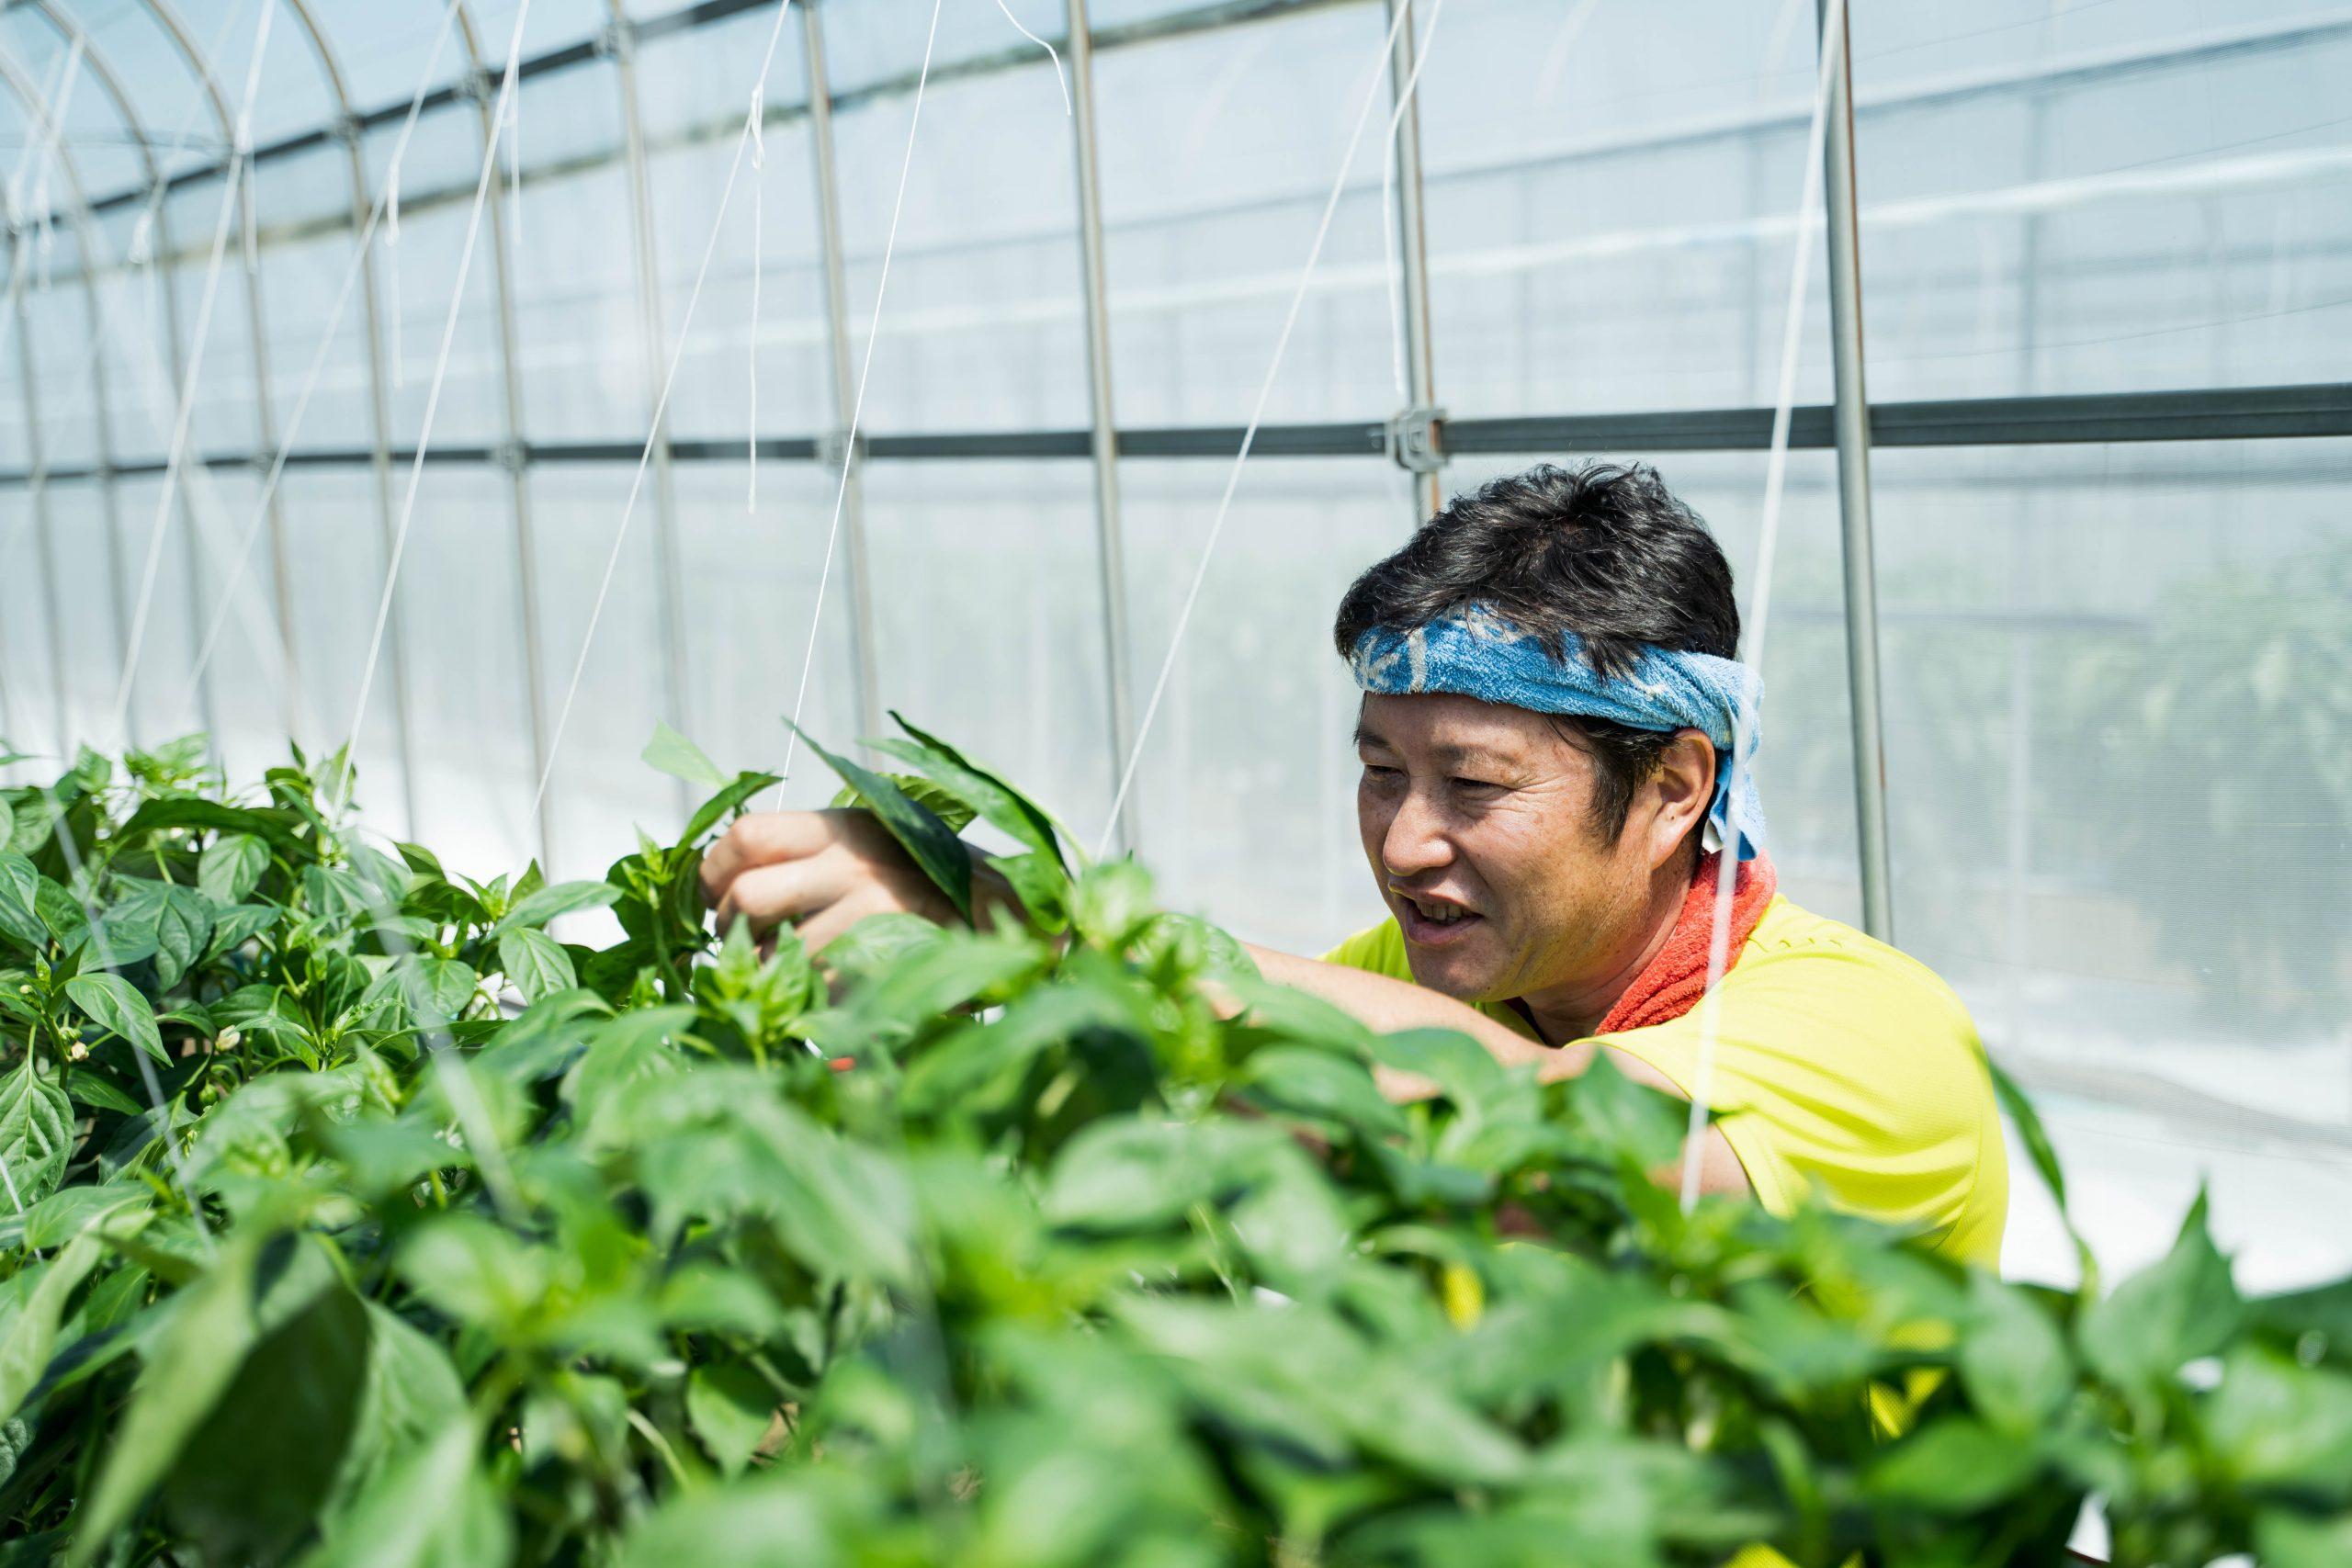 ピーマンを収穫をする農家の福山さん